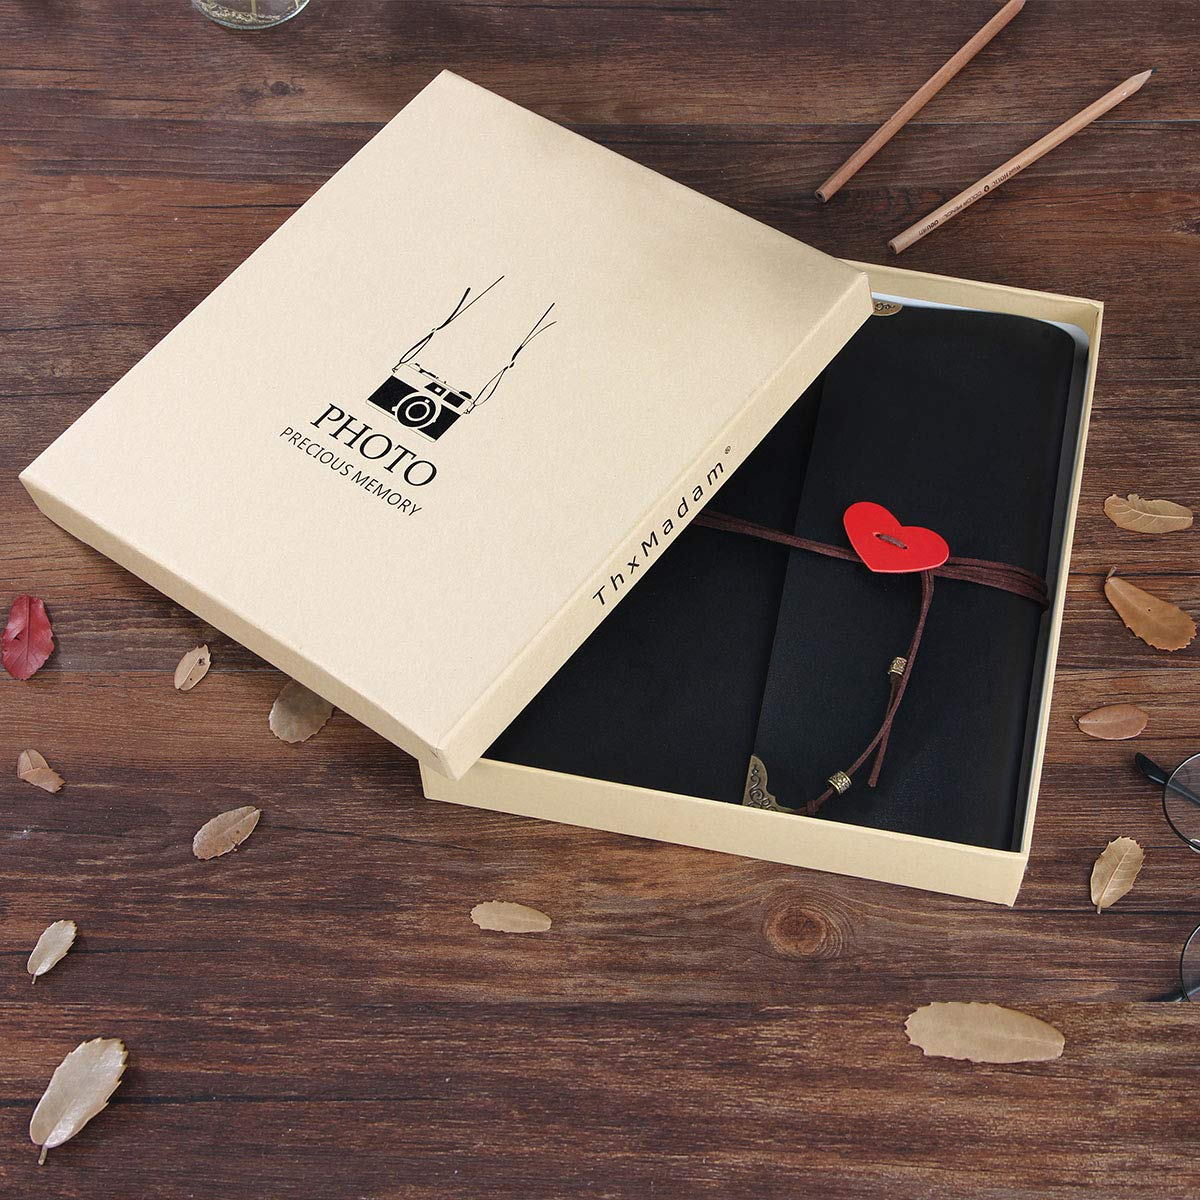 Leder Fotoalbum Retro Scrapbooking Album Hochzeit G/ästebuch DIY Vintage Schwarze Seiten Fotobuch f/ür Hochzeitstag Muttertag Geburtstag Jahrestag Weihnachten Geschenk ThxMadam Scrapbook Album